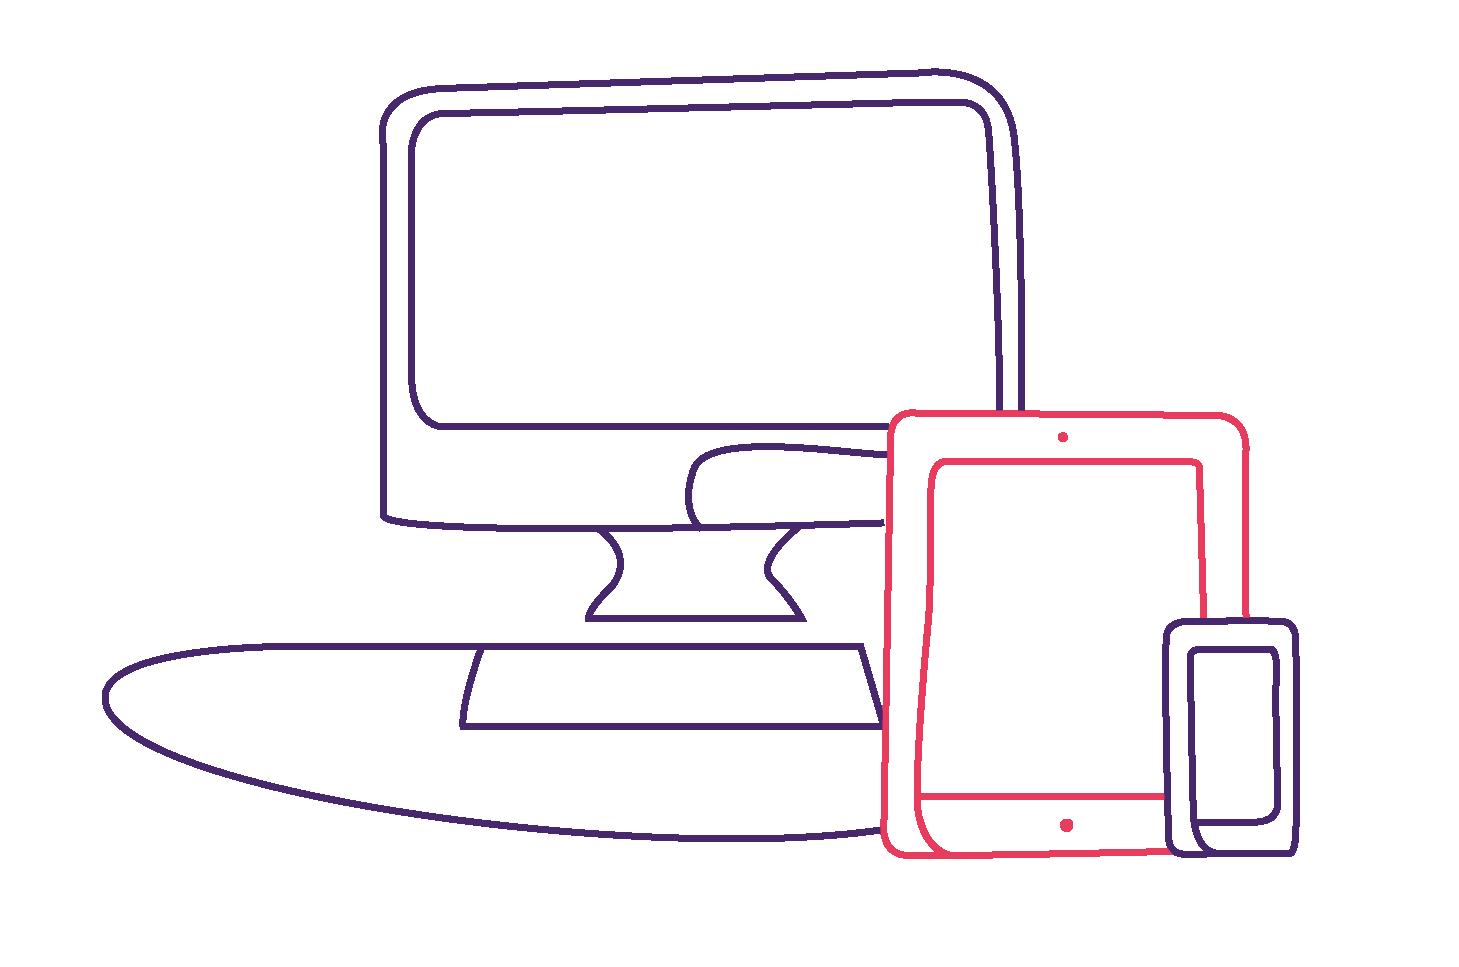 L'interface la plus simple possible